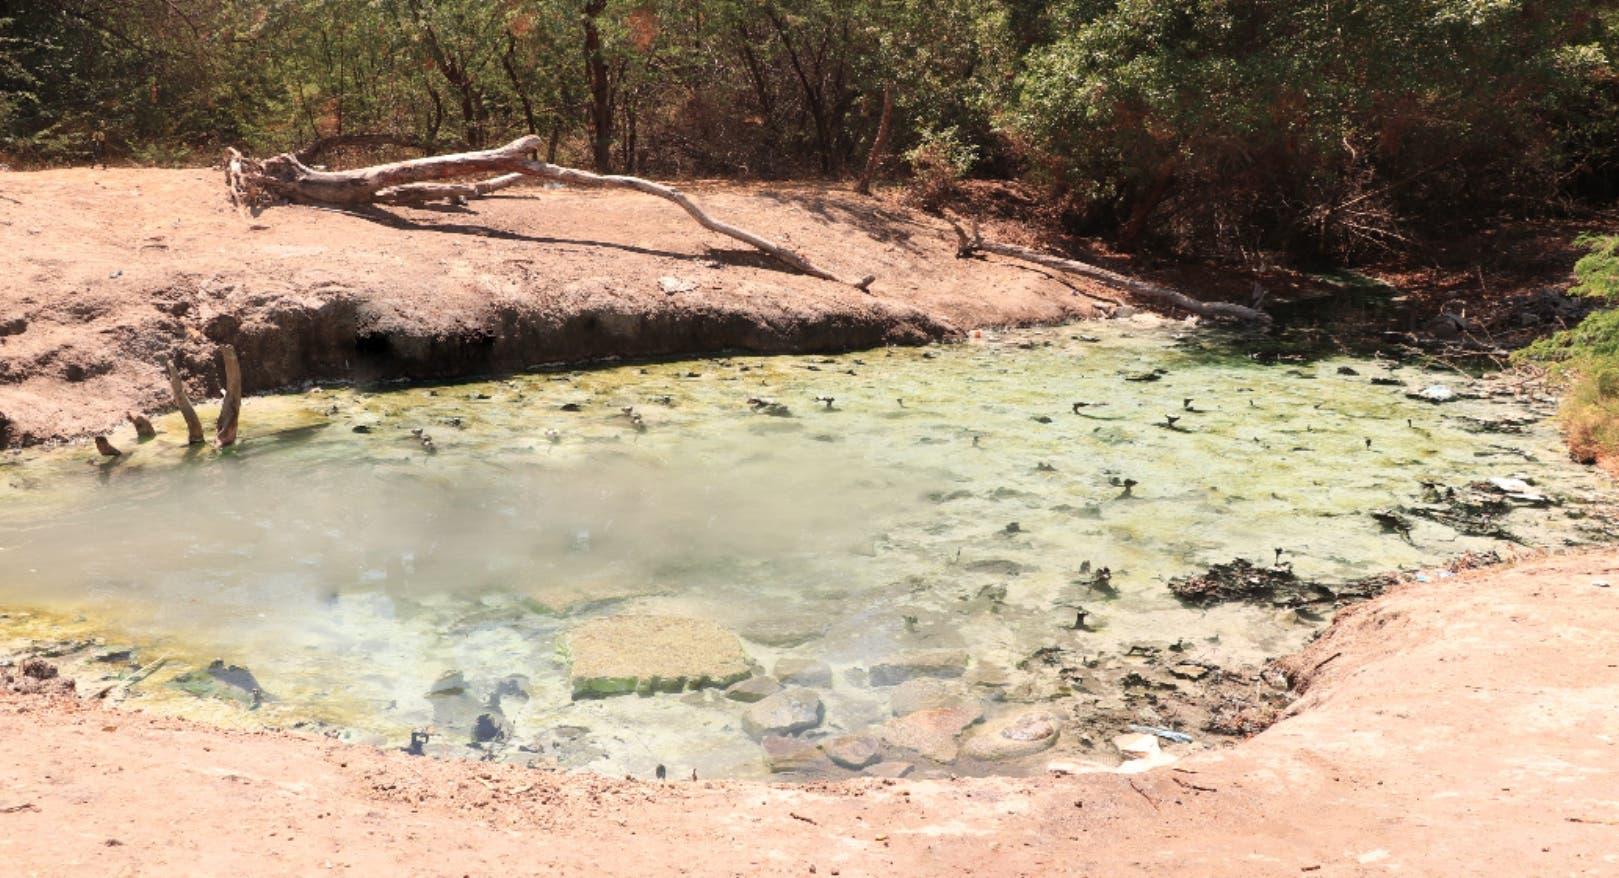 En el país se registran aguas termales en la zona sur, pero de forma tímida, con temperaturas  de 37 grados Celsius.  AGENCIA